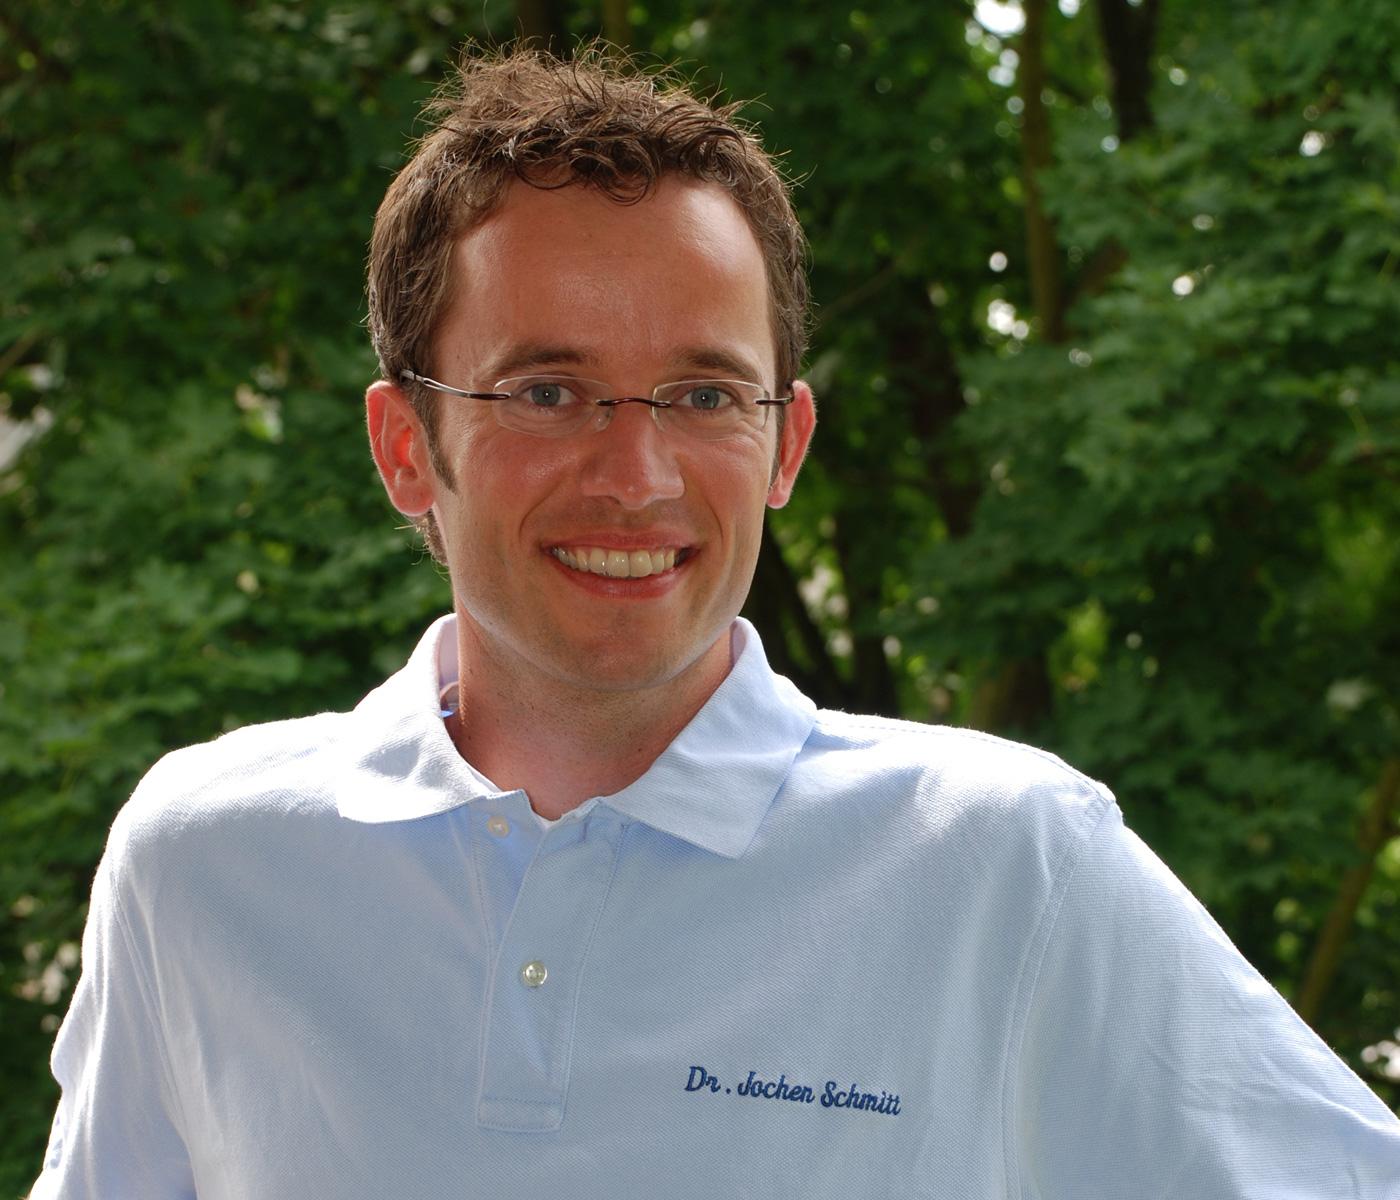 Dr. Jochen Schmitt